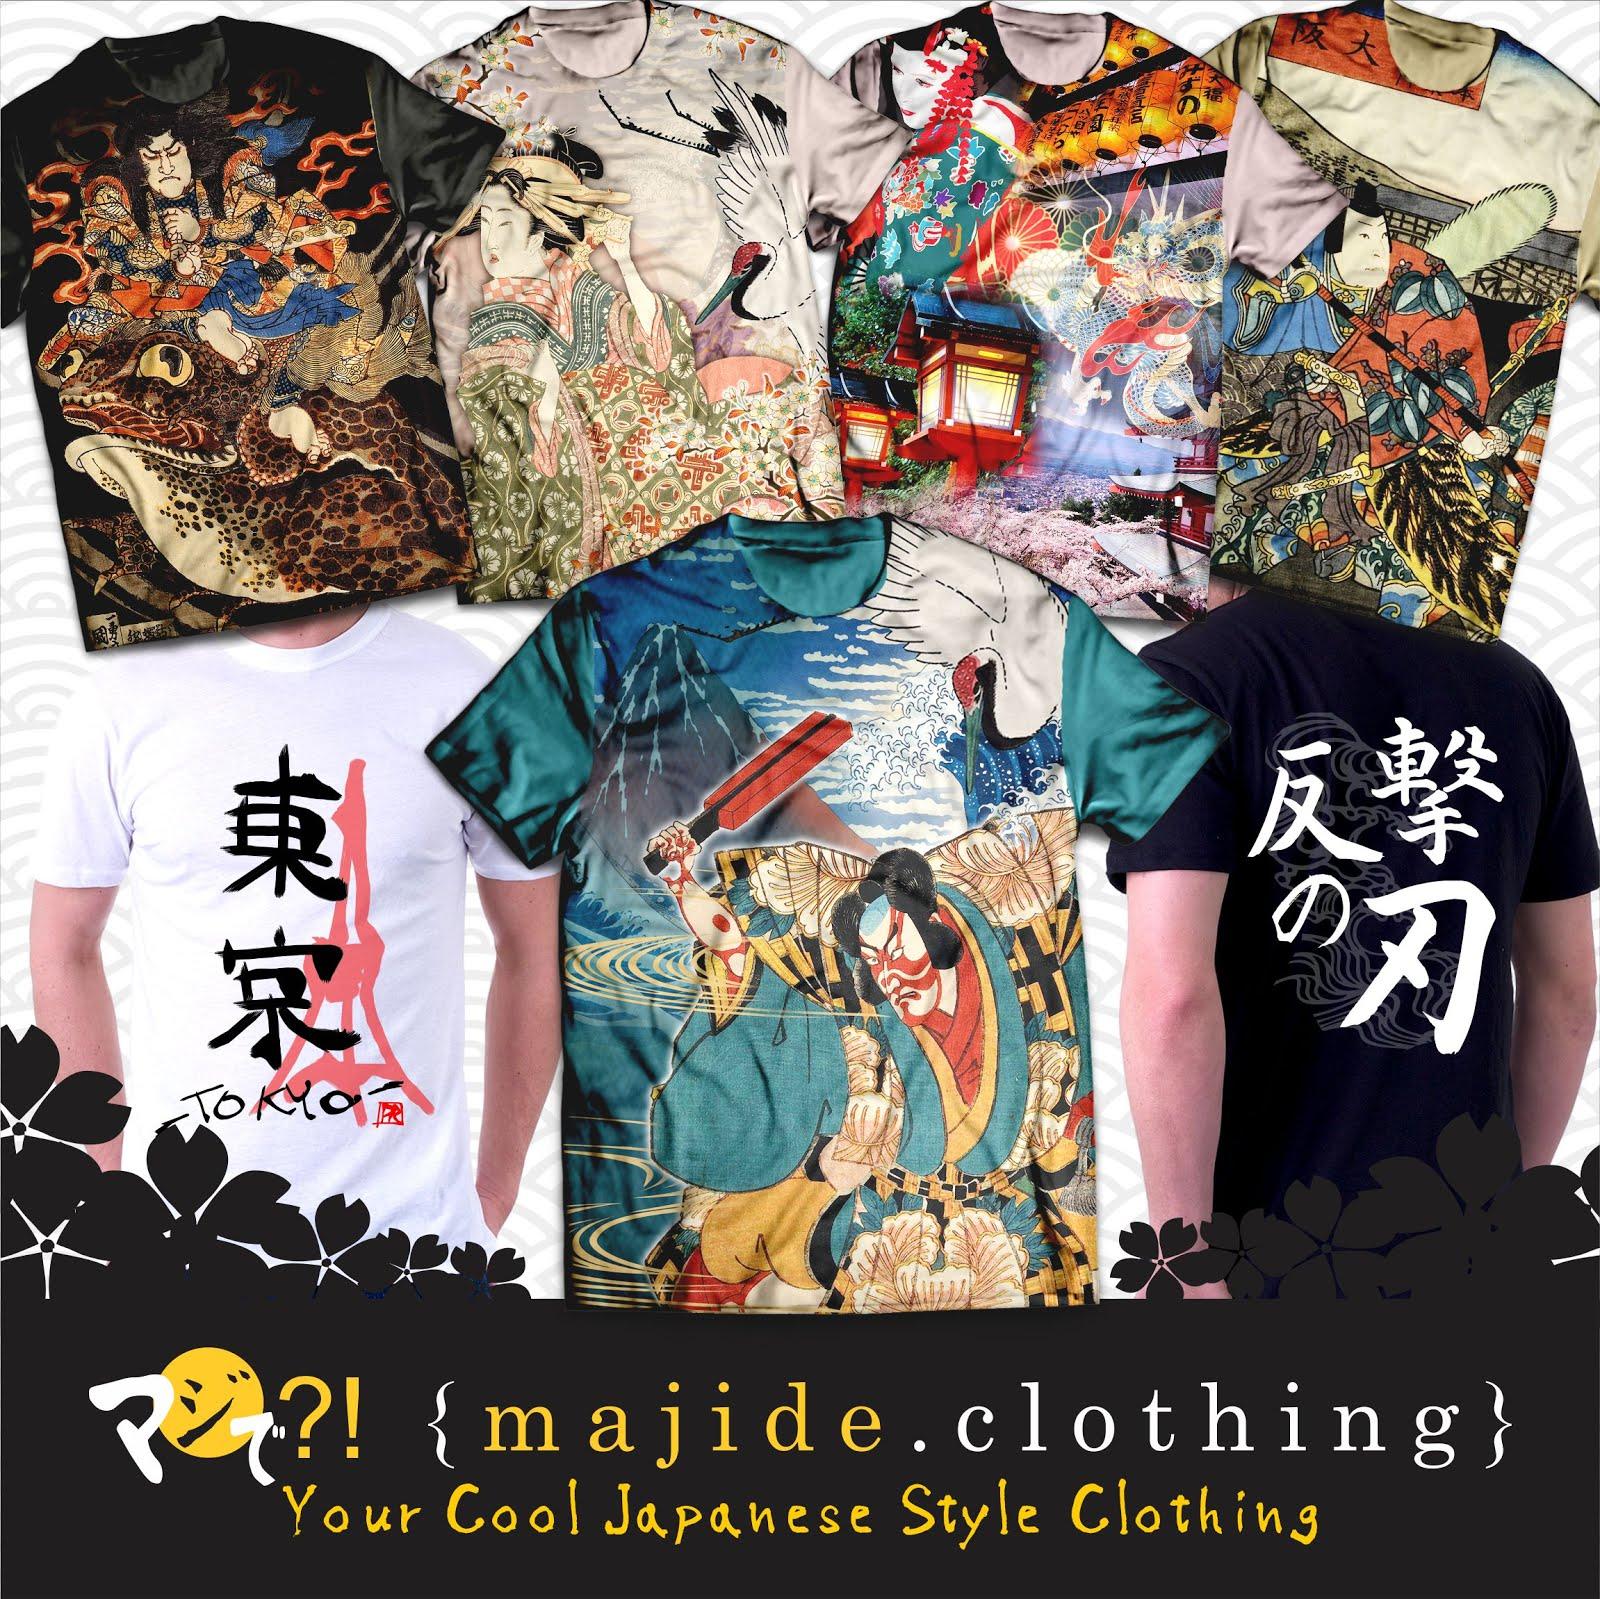 MAJIDE JAPANESE CLOTHING